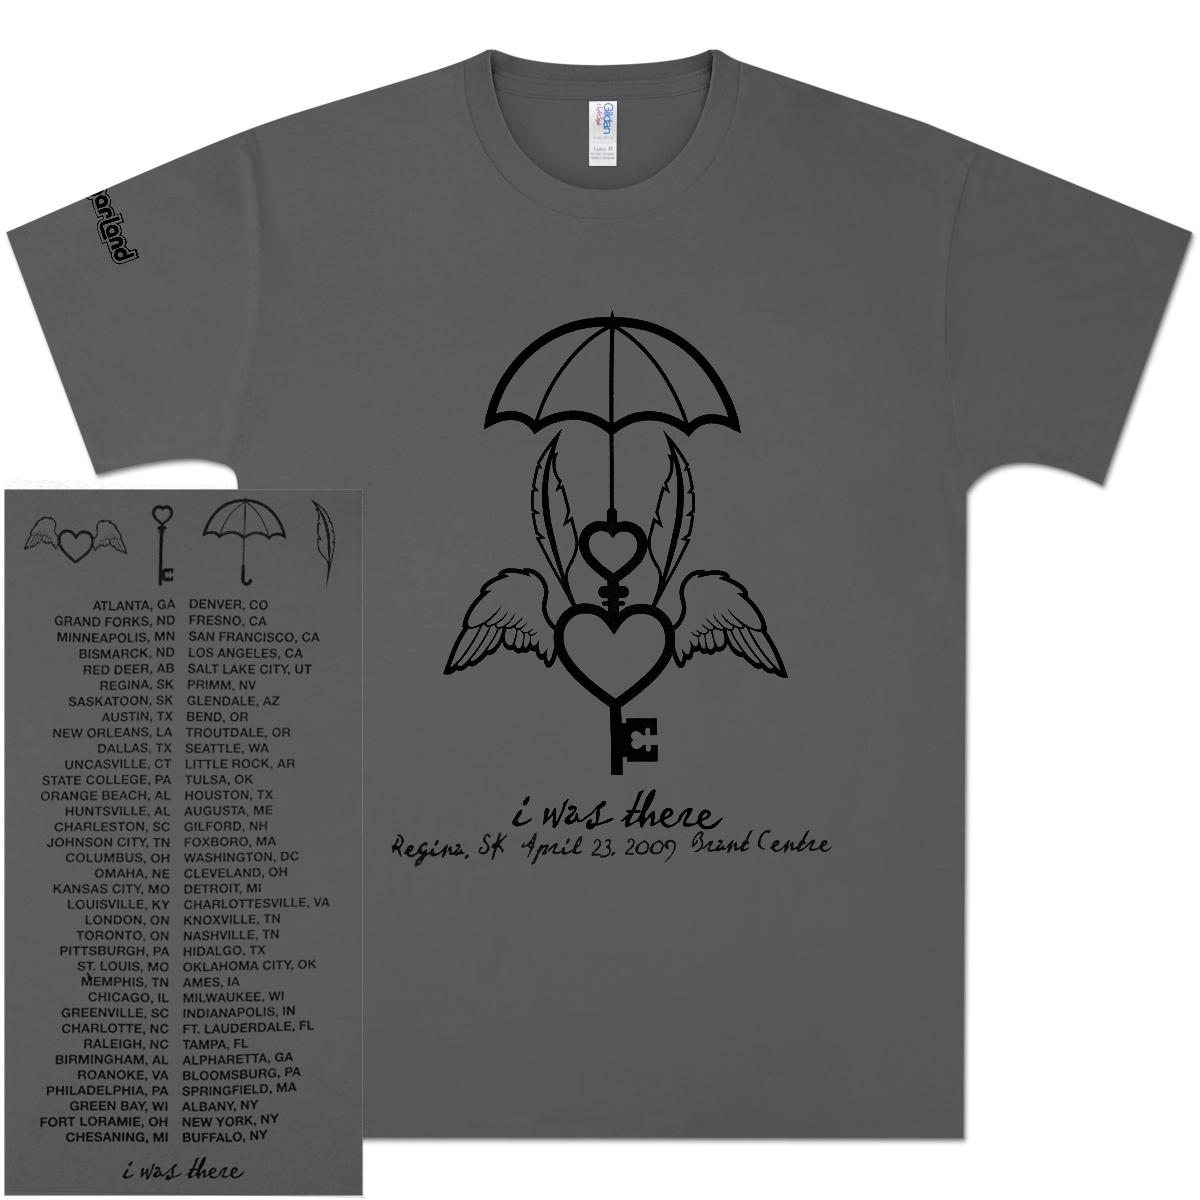 Sugarland Regina, SK Event T-Shirt